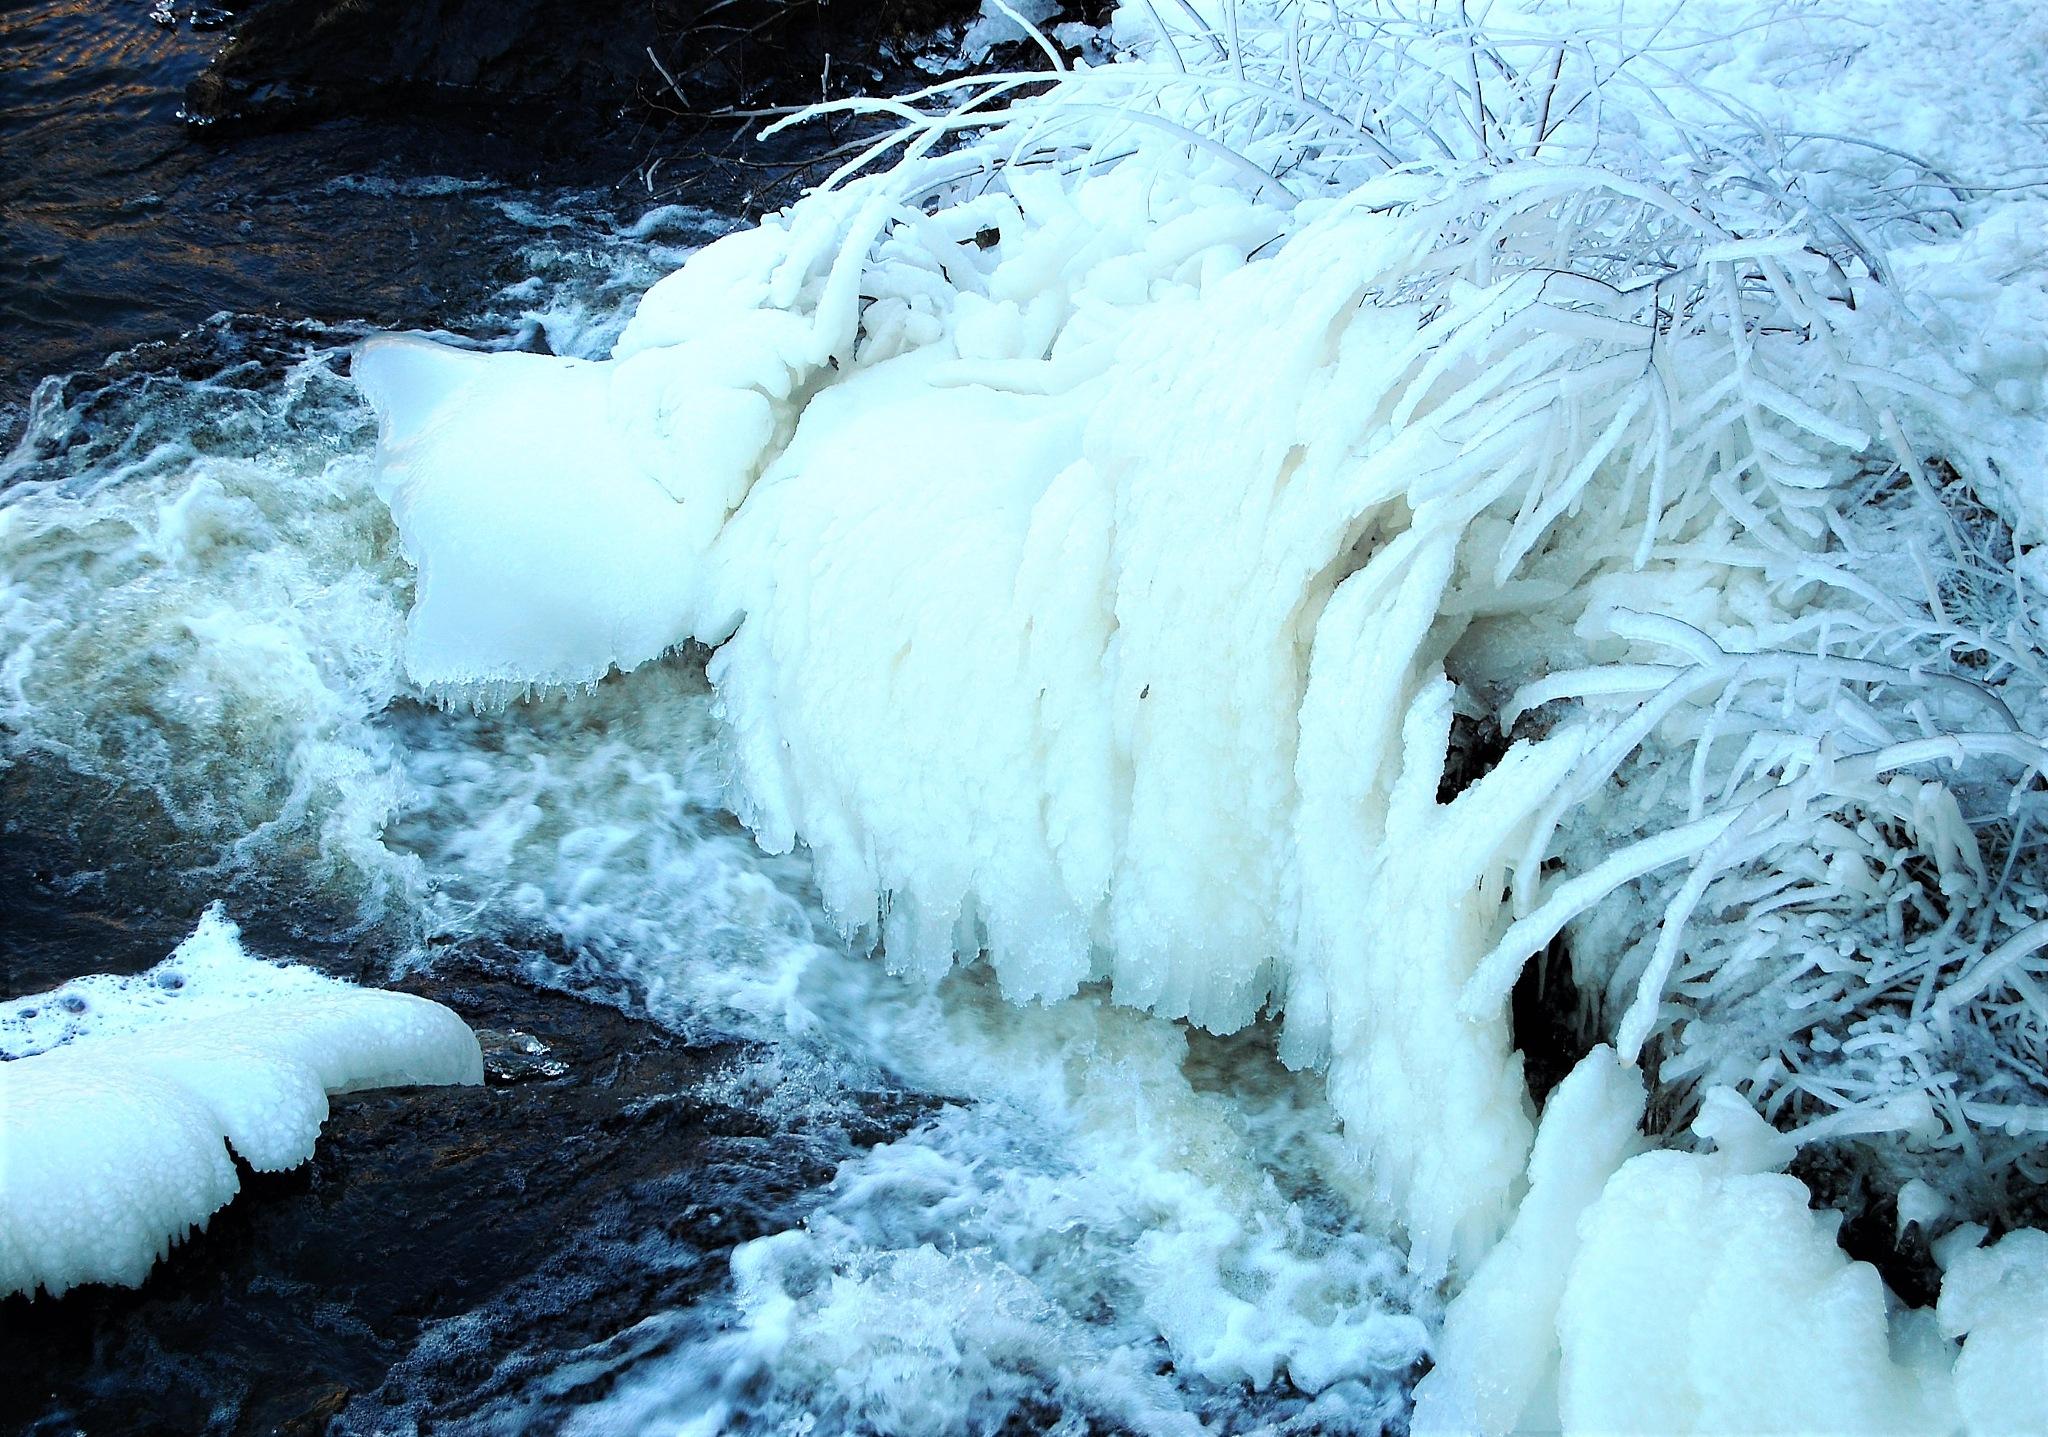 Walk along the stream in Norrköping by lillemor.ekstrom ek